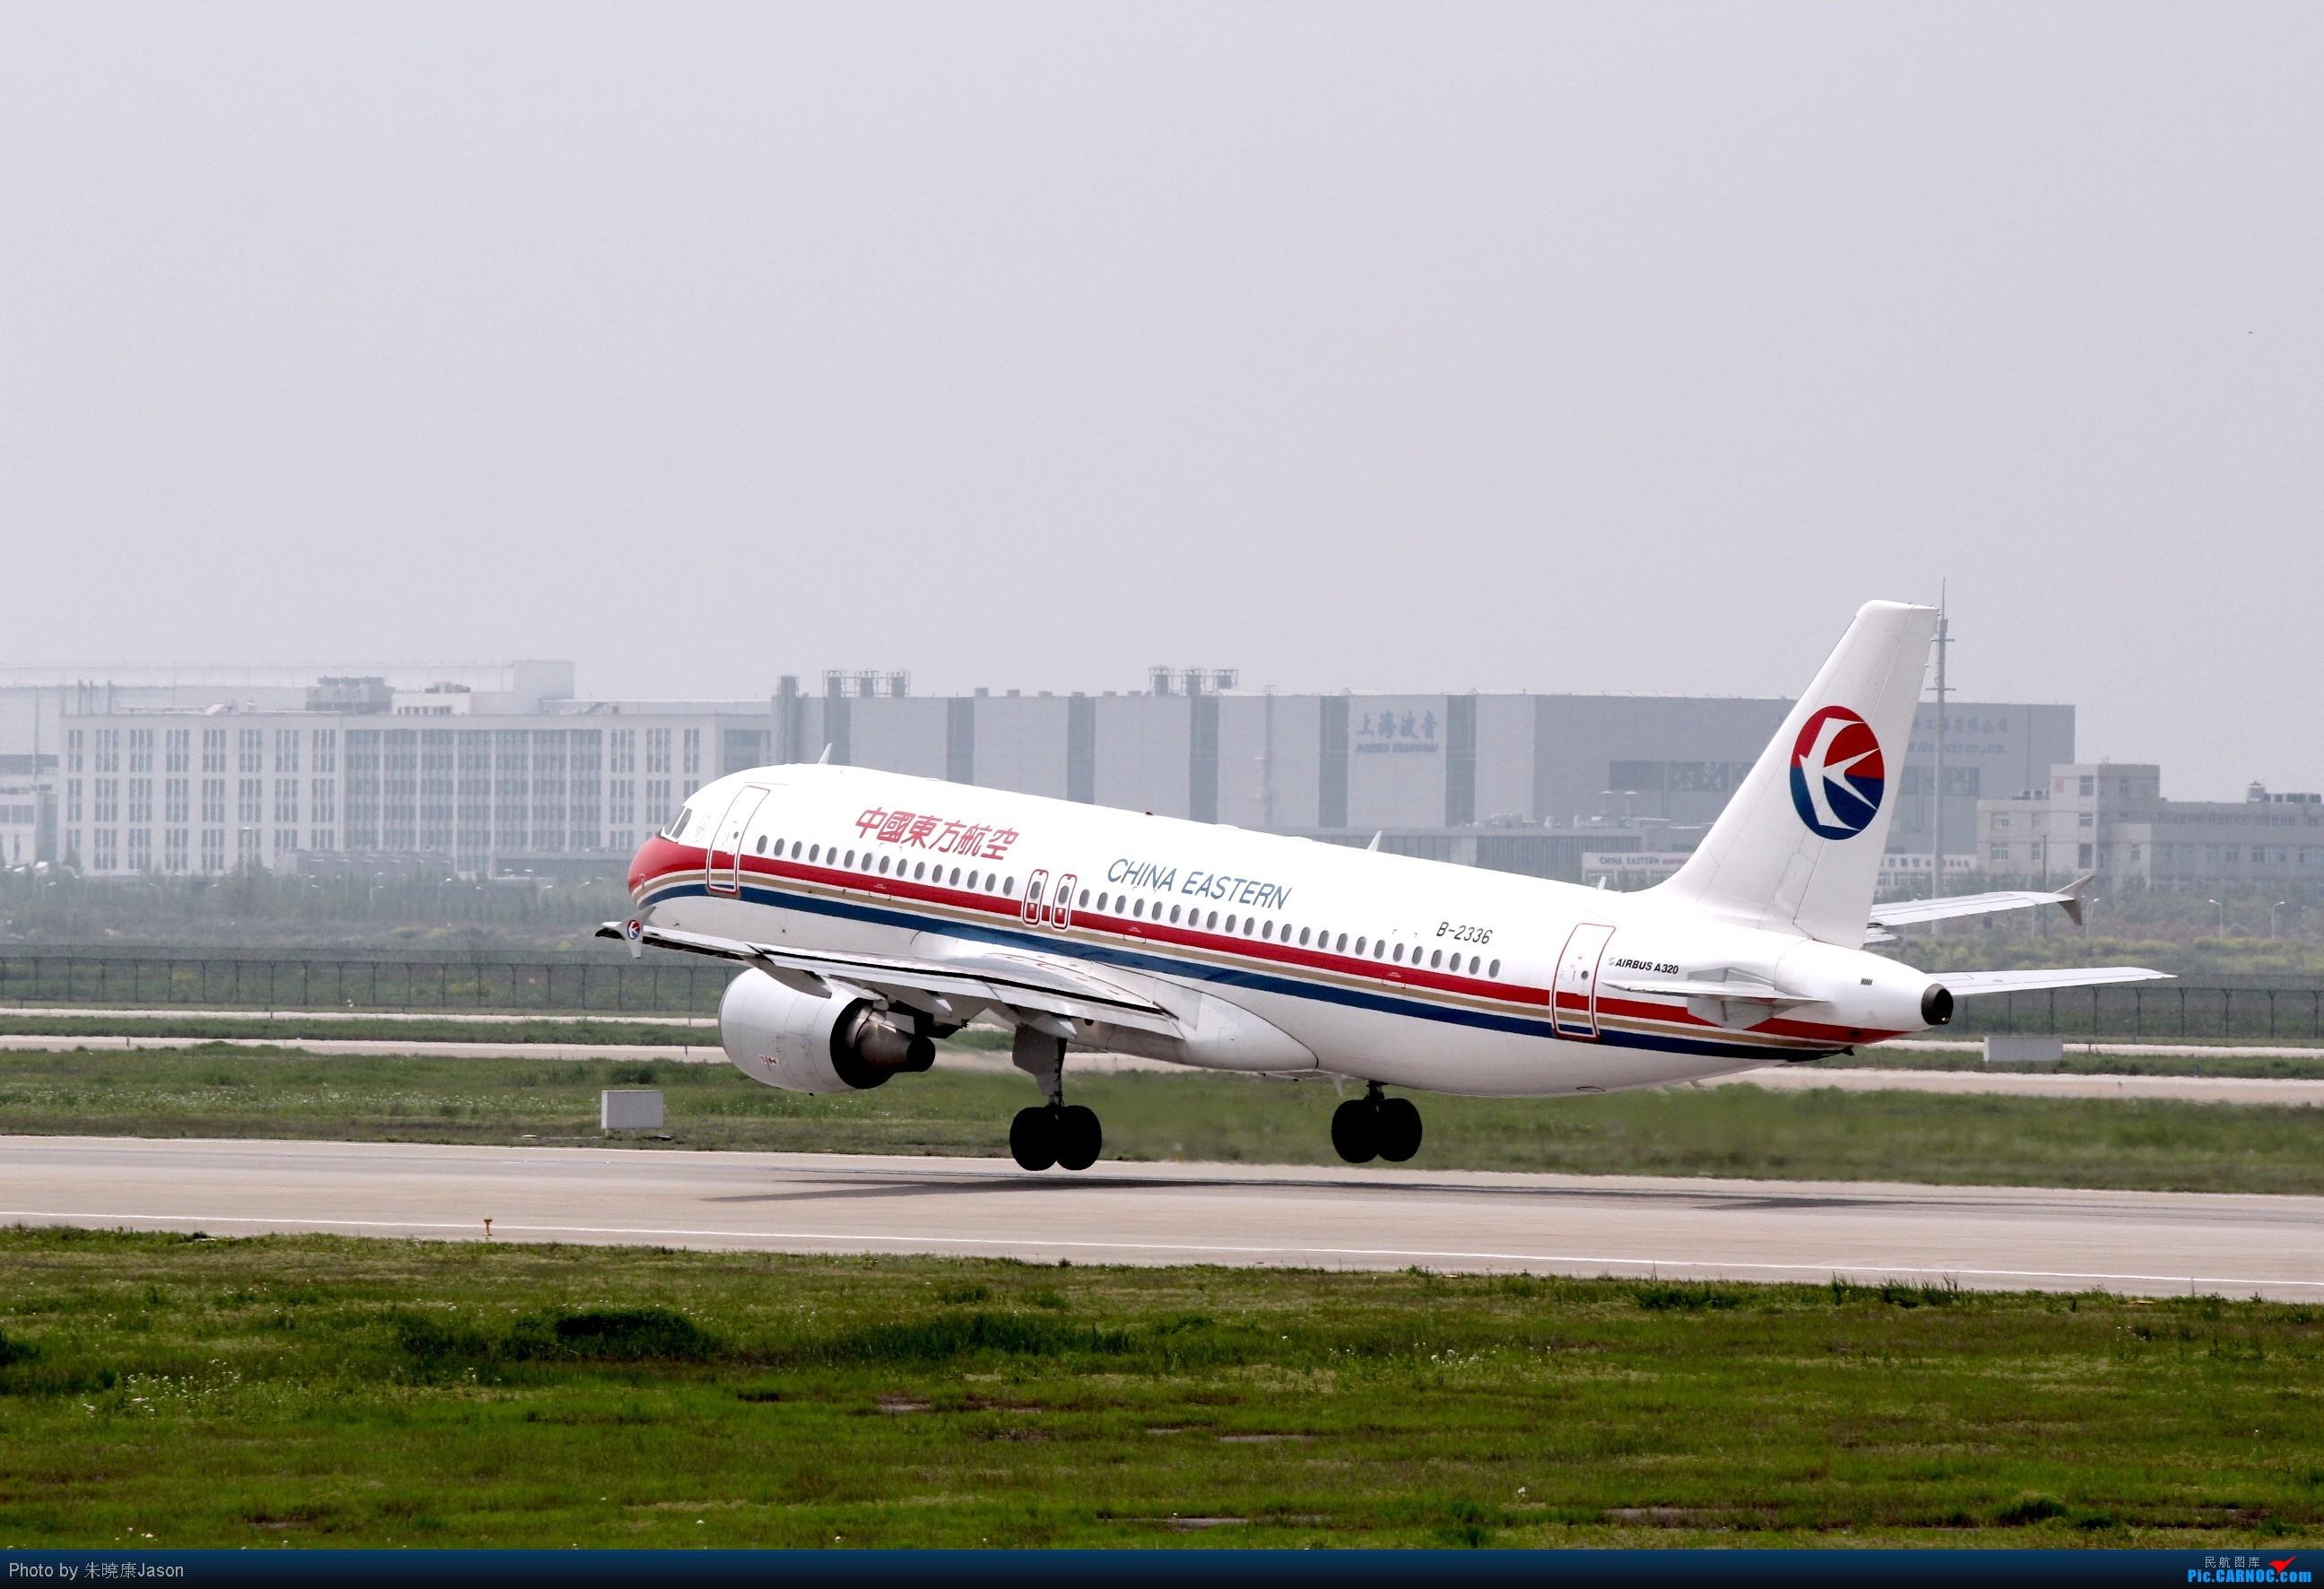 浦东机场 官网_上海浦东机场5号线停在机场哪里?-浦东机场五号线从上海站到 ...